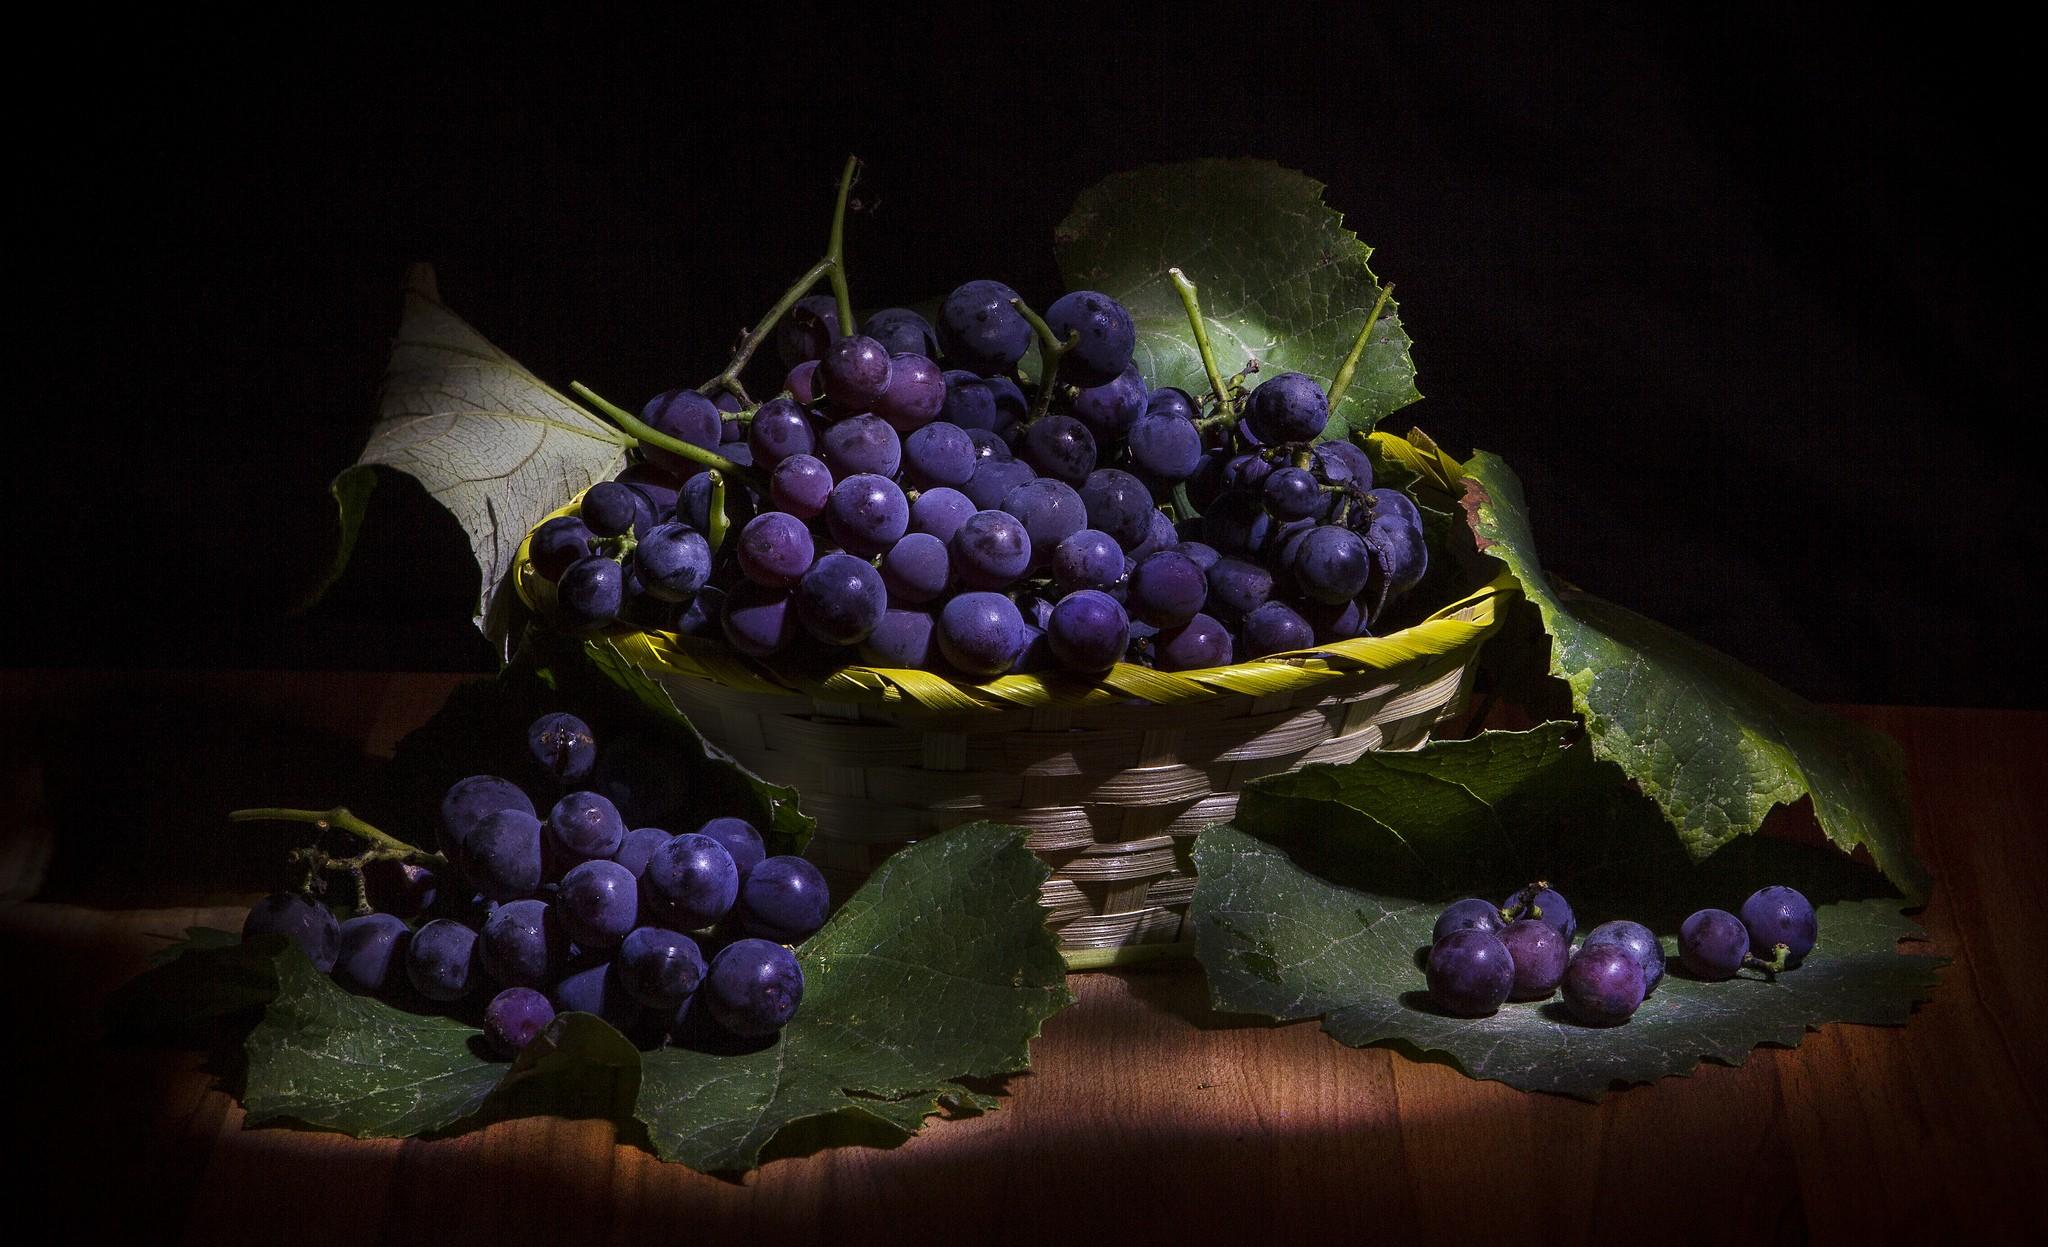 Masaüstü Boyama Gıda Bitkiler Mor Meyve Yeşil Mavi üzüm